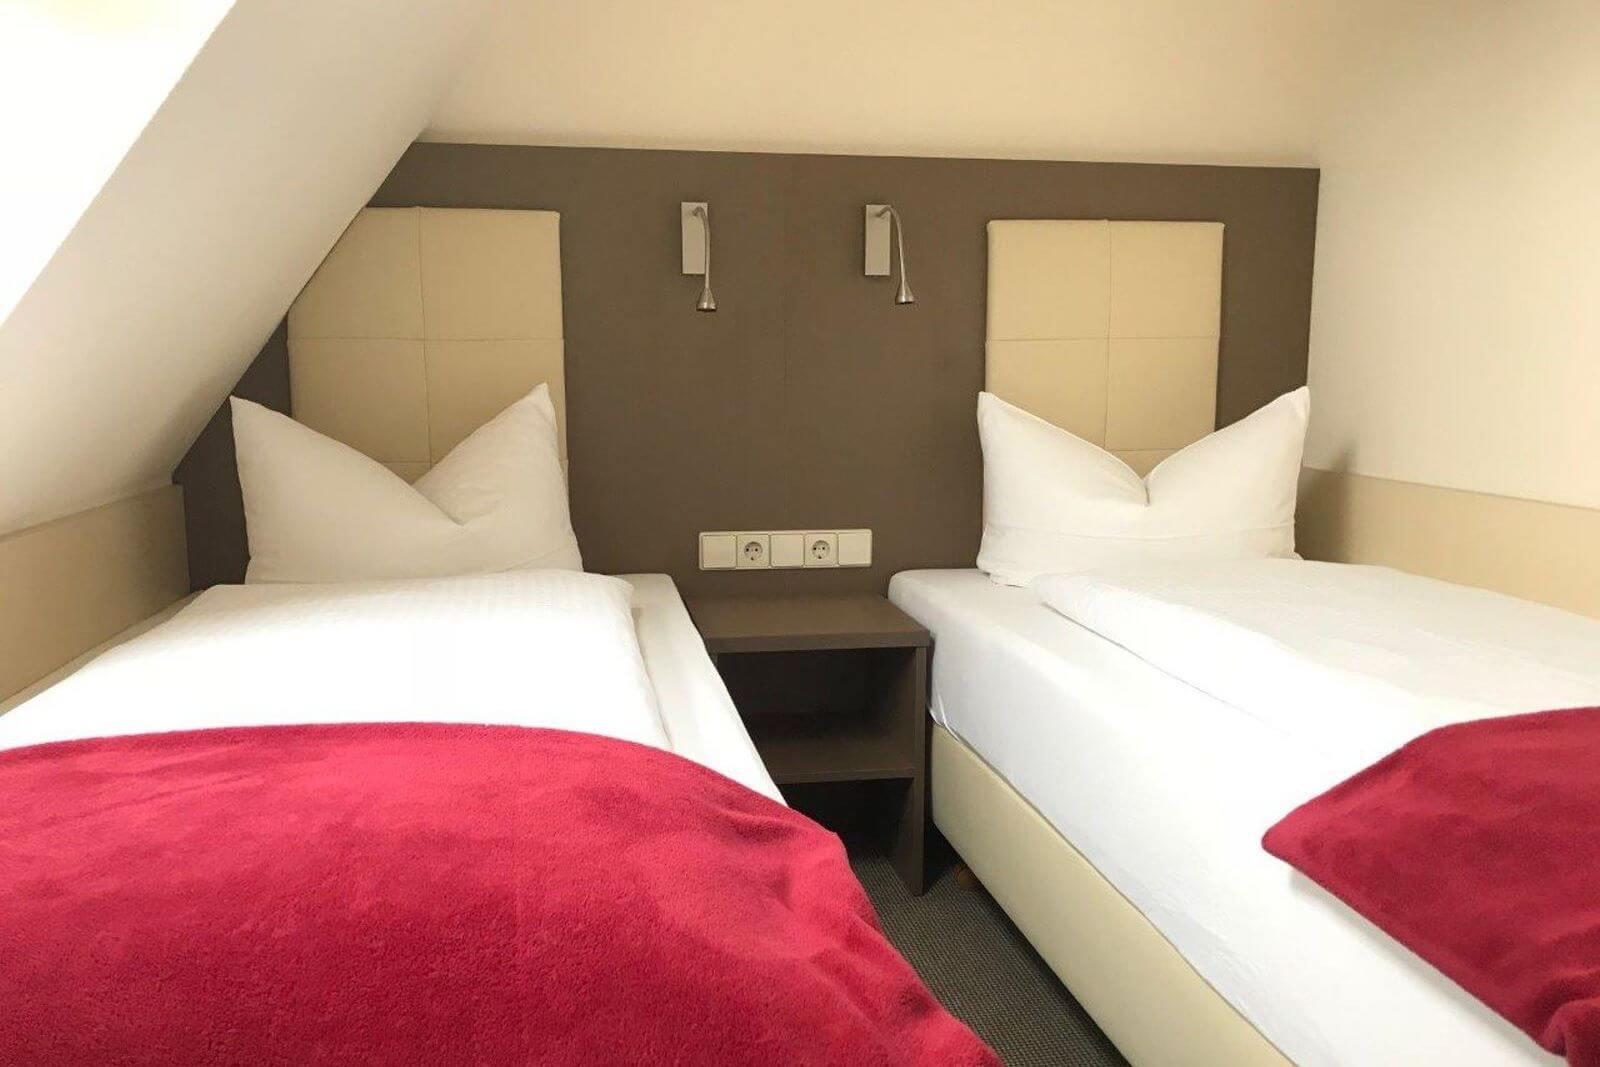 twinbettzimmer-zweibettzimmer-hotel-garni-pension-freiburg-cityhotel-innenstadt-guenstig (3)